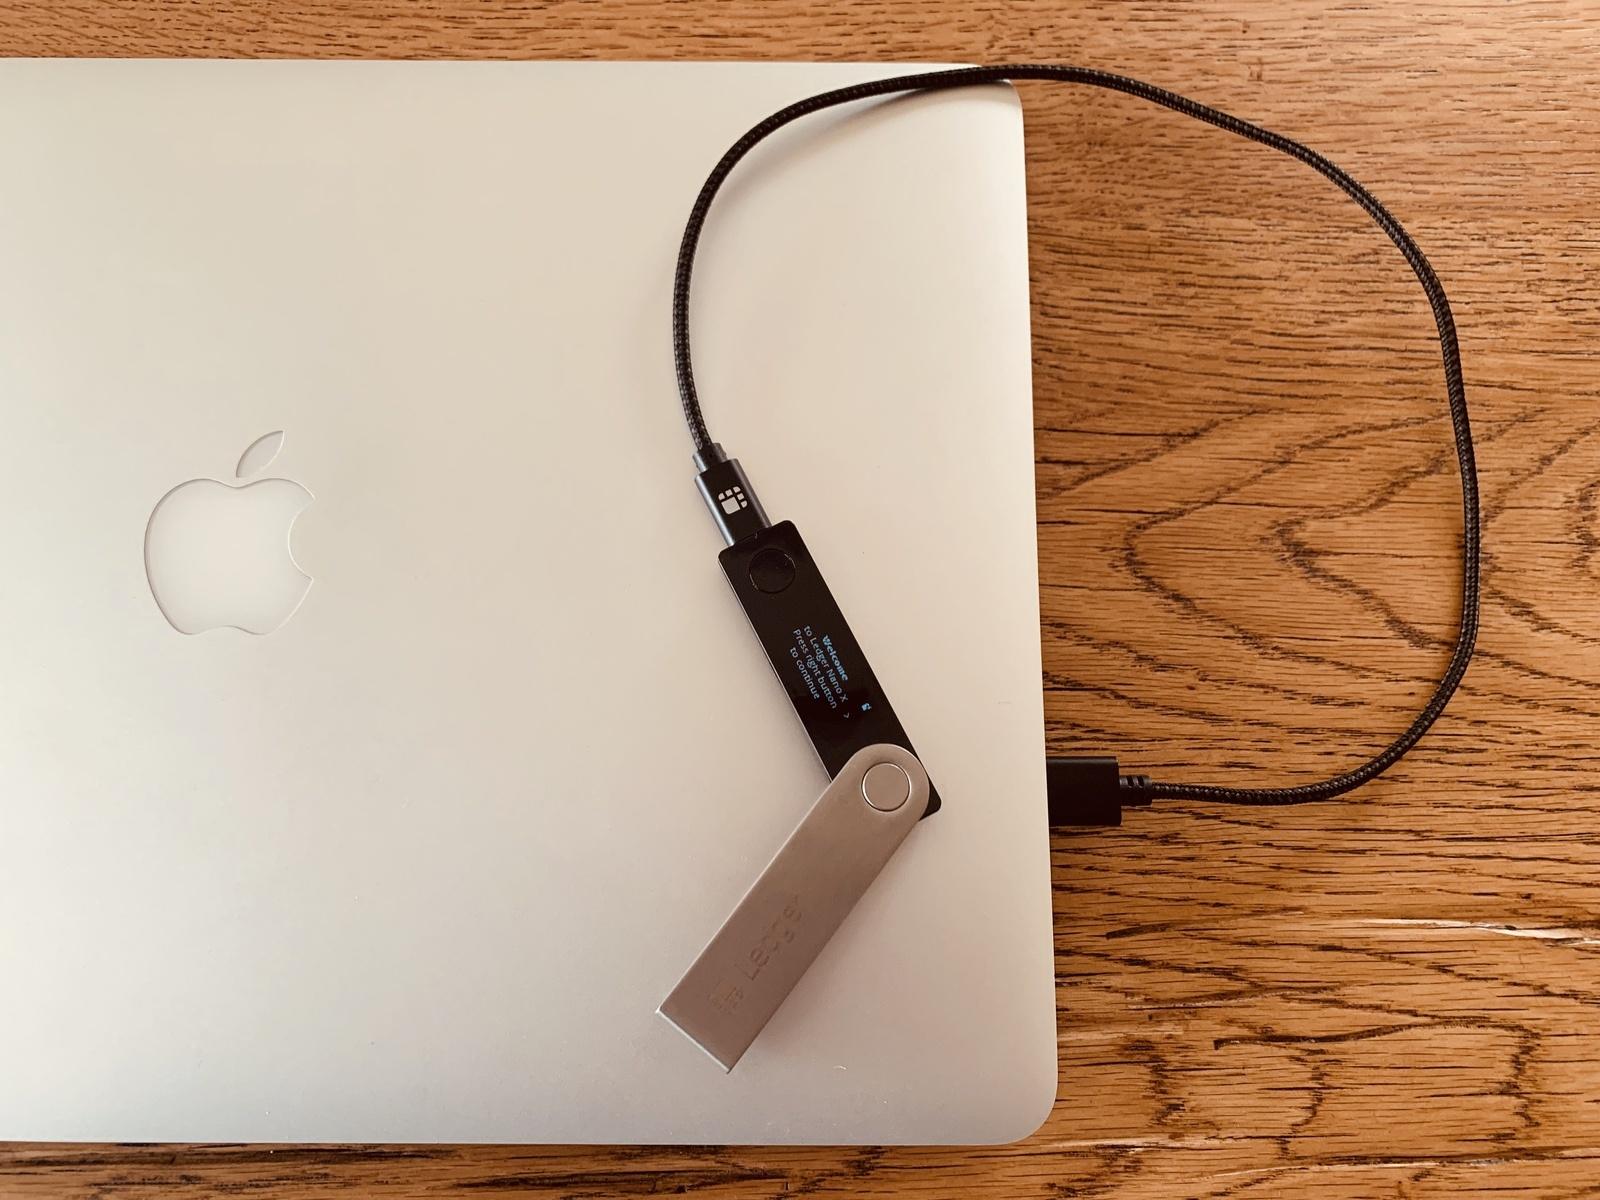 Ledger Nano X per USB angeschlossen